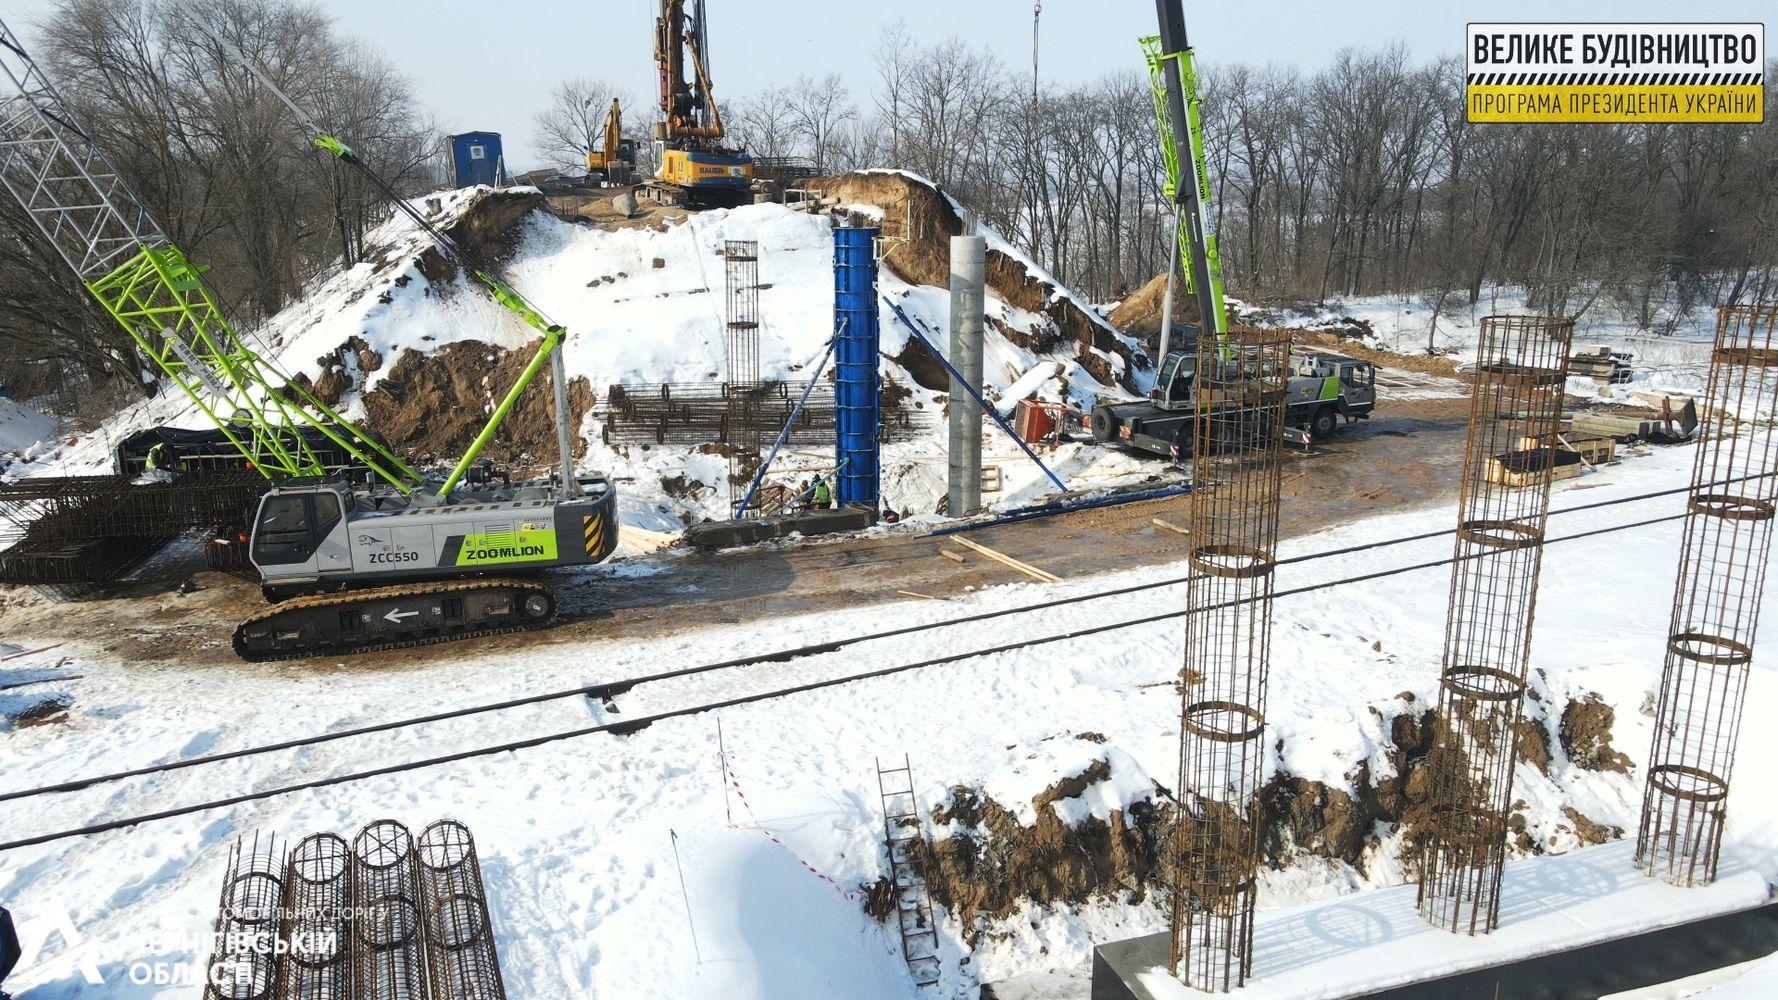 Мостовики виготовляють металеві конструкції для опор нового шляхопроводу біля Прилук (Фото)